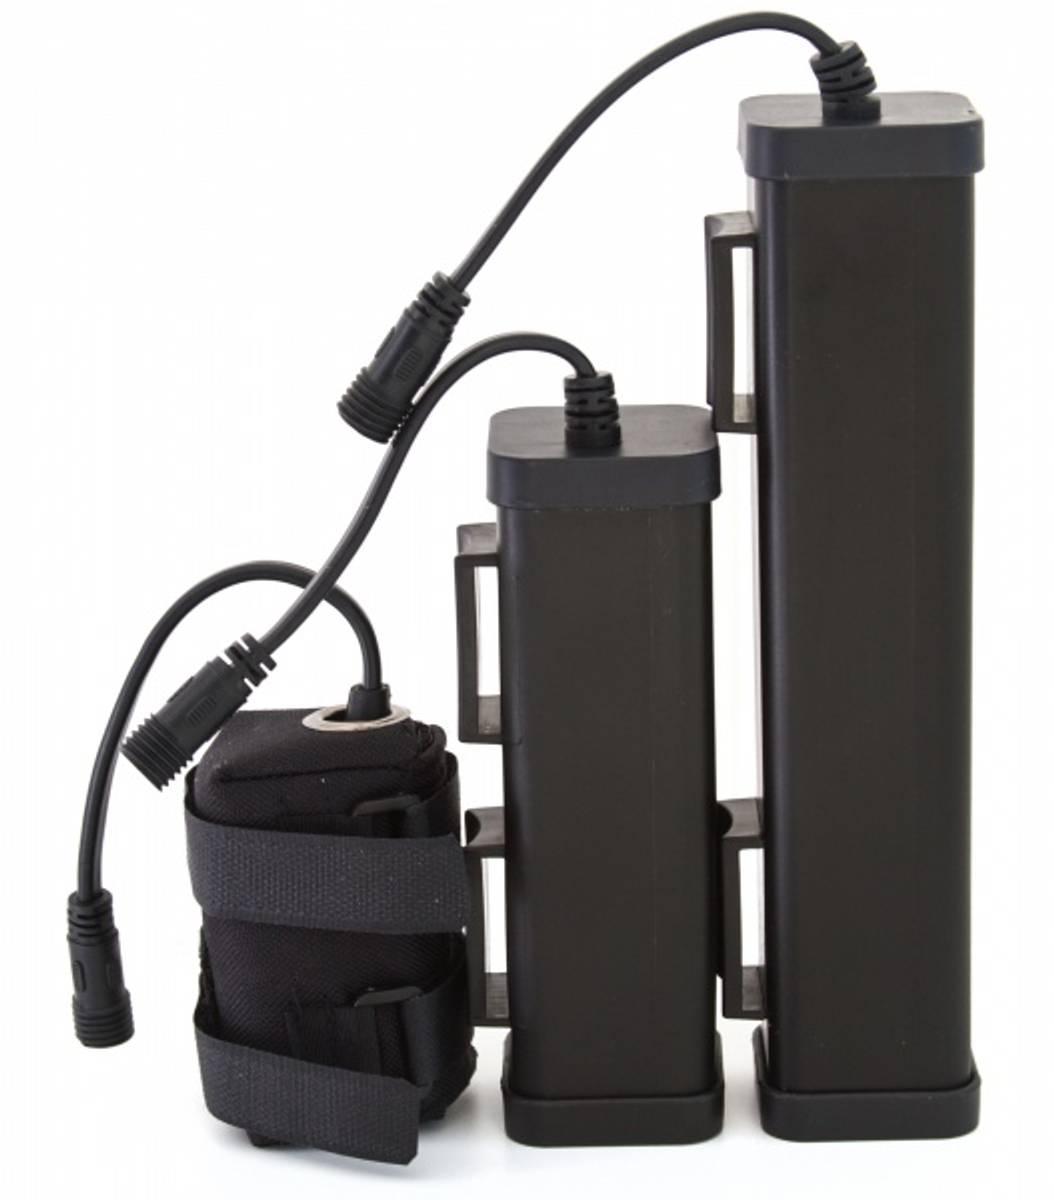 8 cellers batteri for BAD 5000/6000